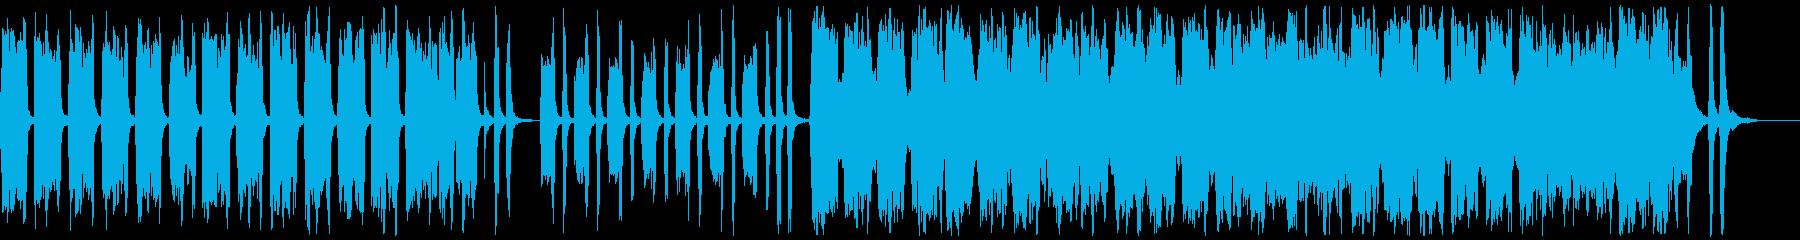 アコーディオンとバイオリンの楽しげな曲bの再生済みの波形